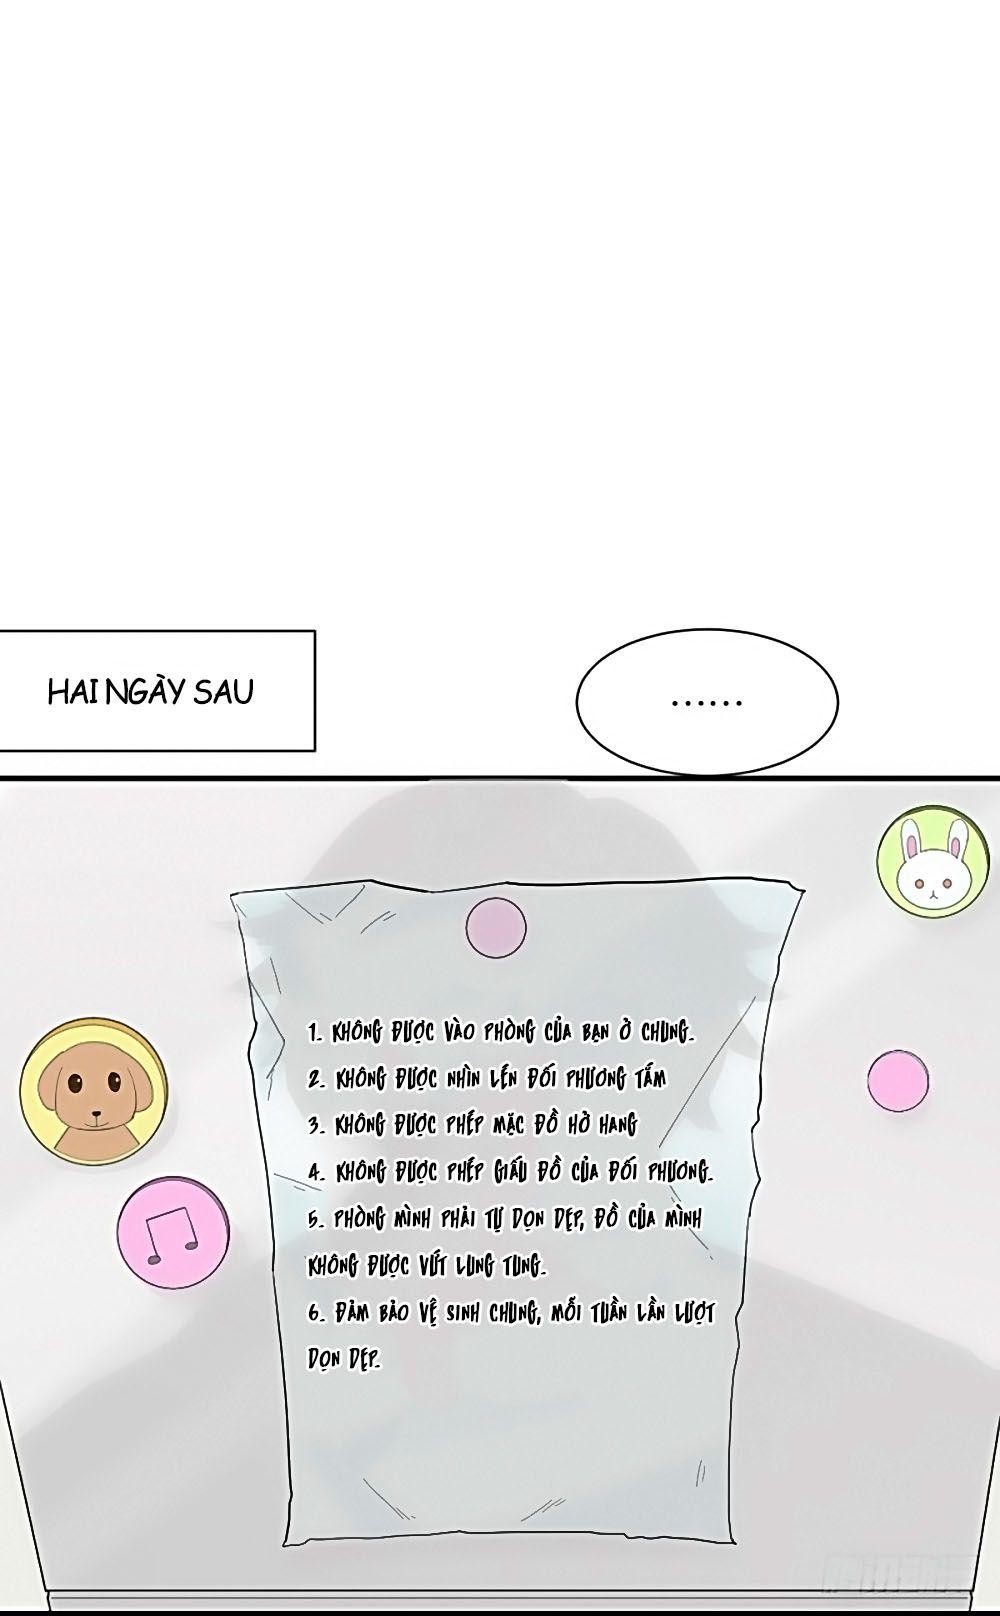 Nguyệt Lão Không Cho Phép Tôi Yêu Đương chap 4 - Trang 16